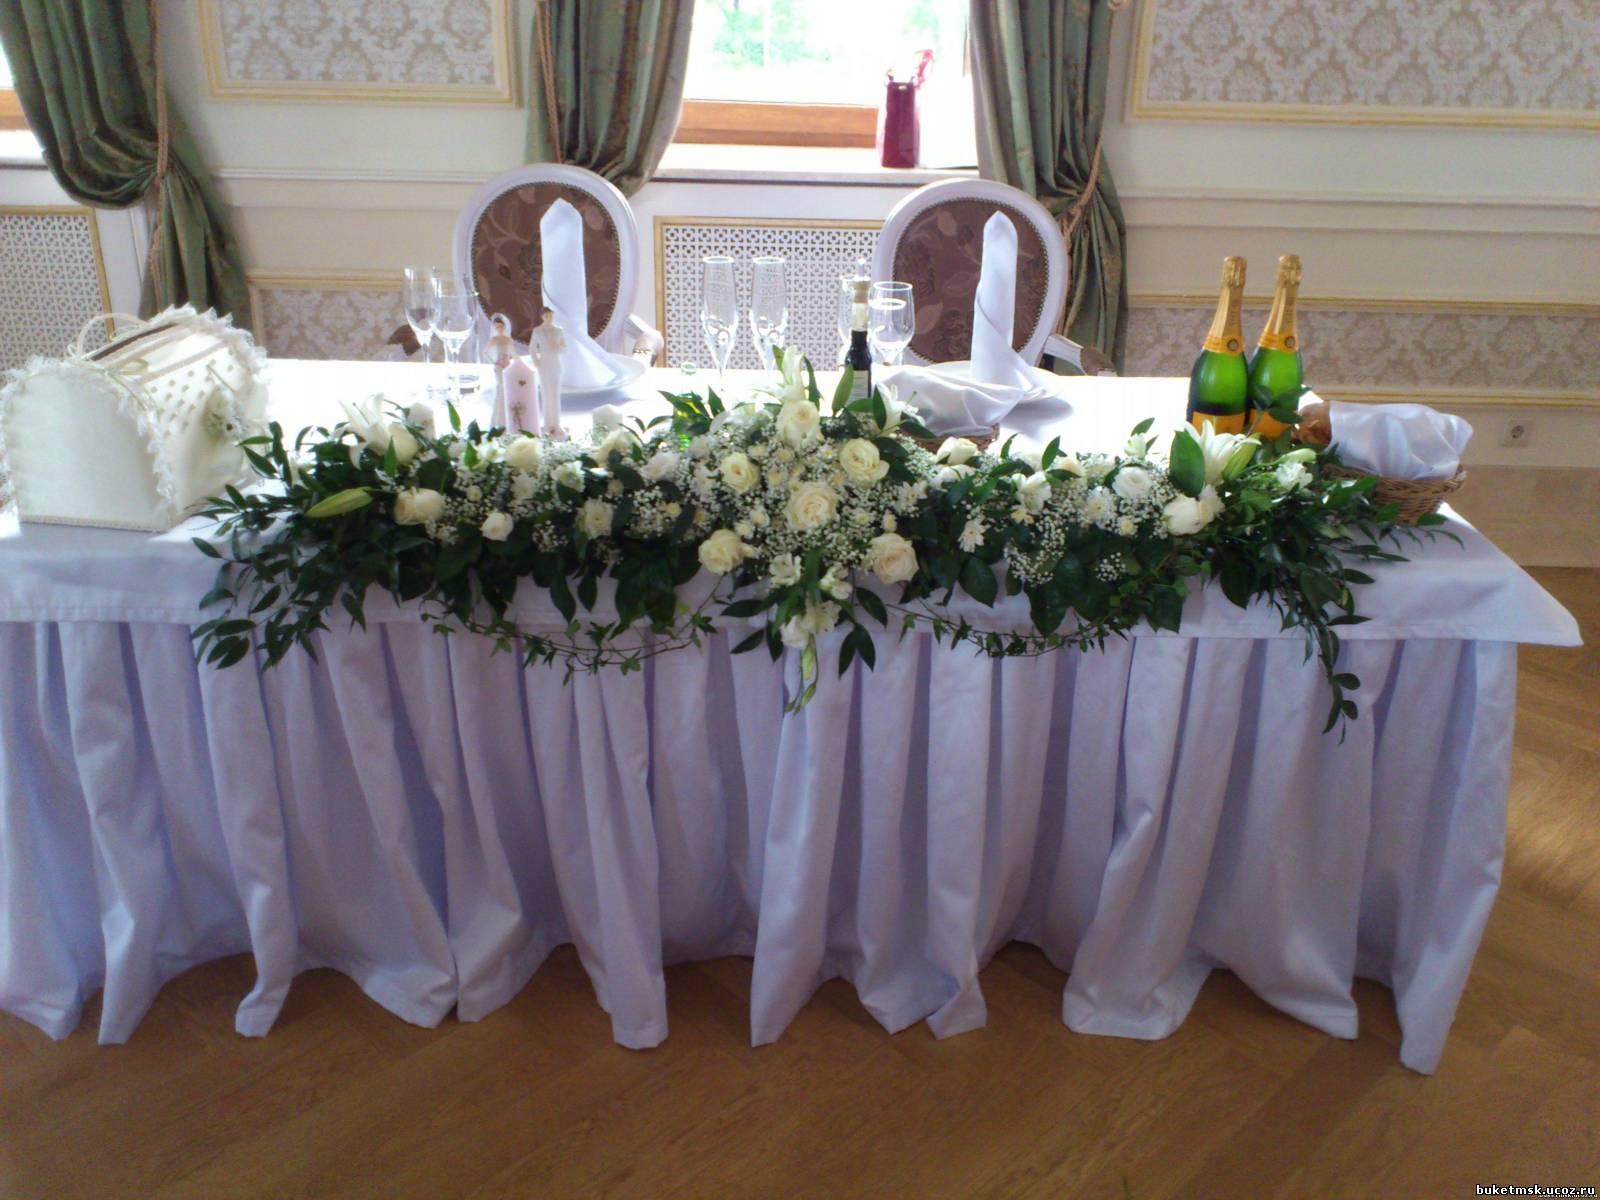 Фото украшений на свадебный стол